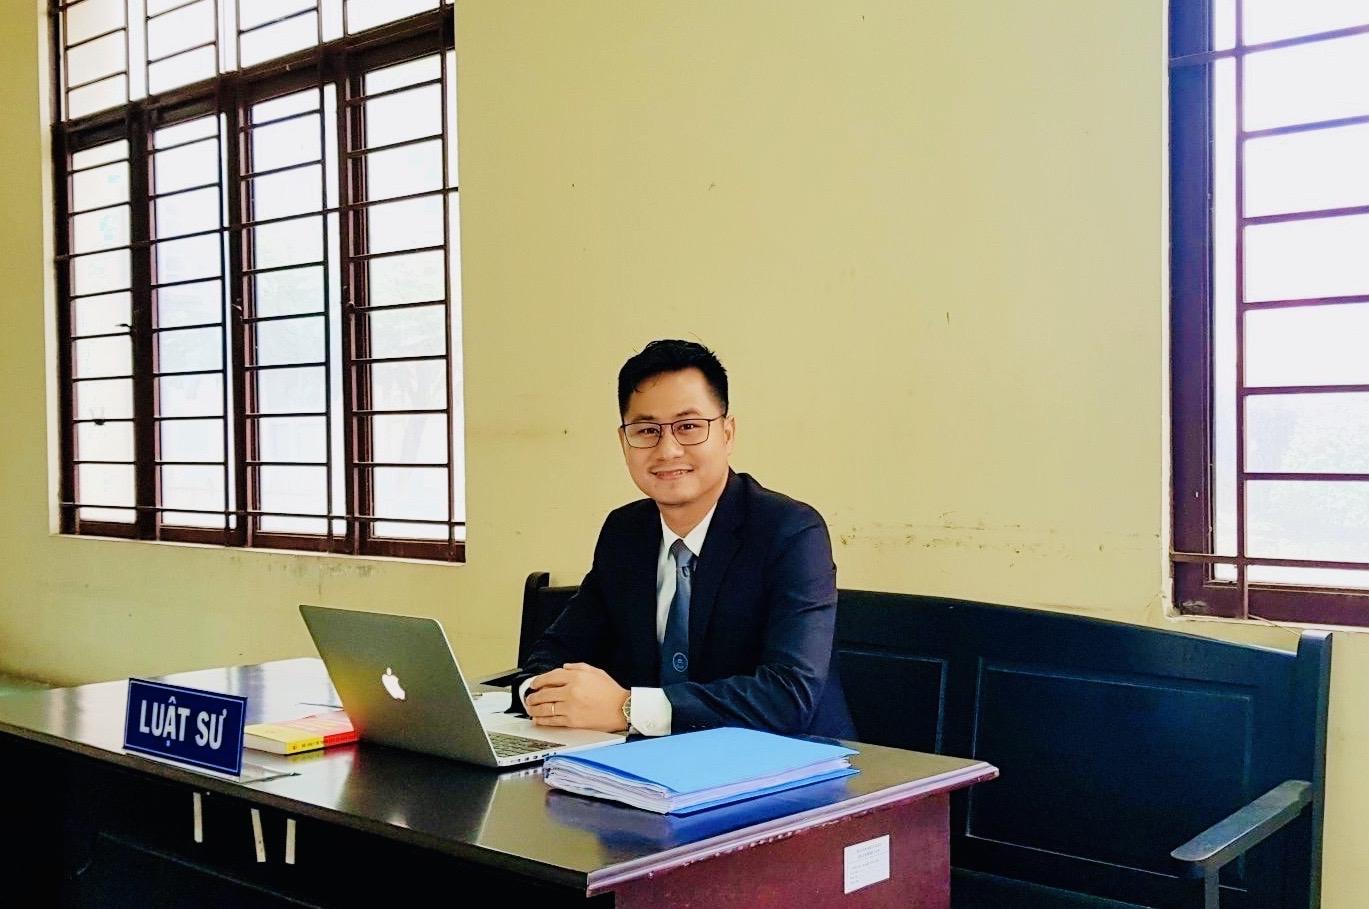 Luật sư giải quyết tranh chấp nội bộ doanh nghiệp